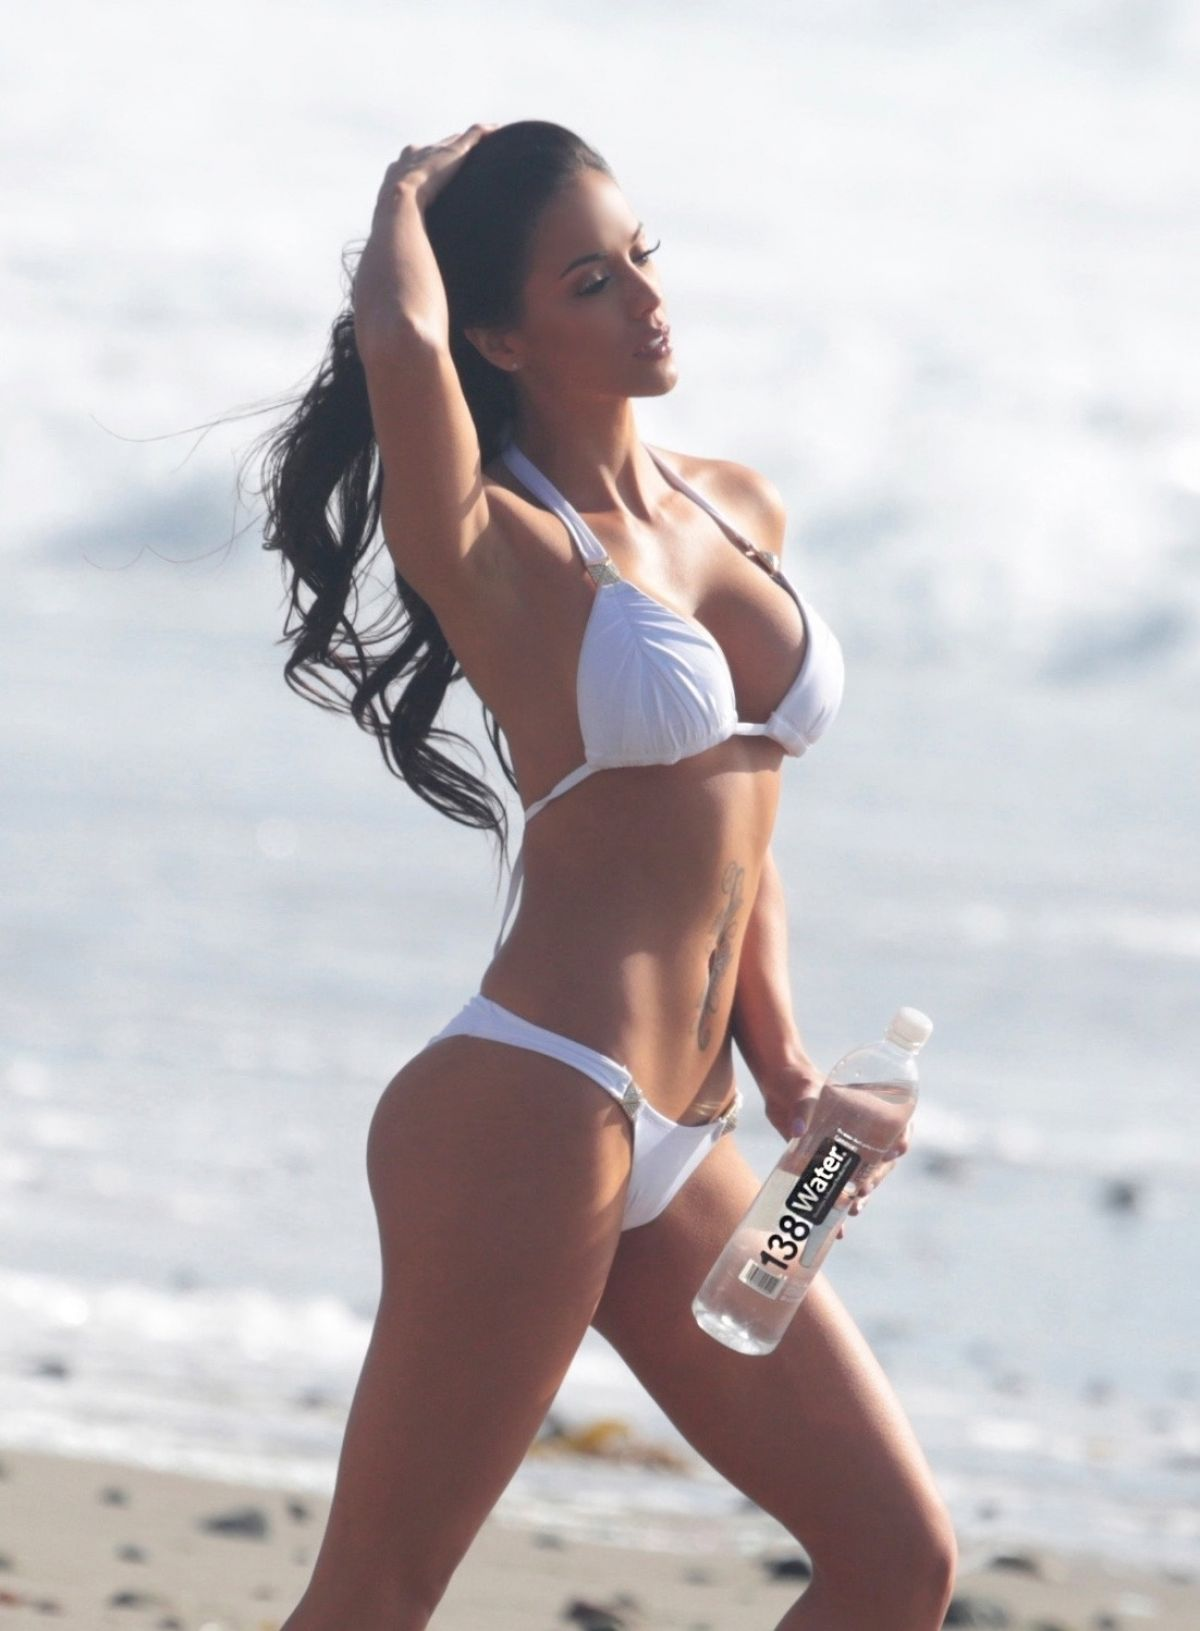 Pictures Alejandra Guzman nude (38 photos), Ass, Hot, Feet, butt 2019